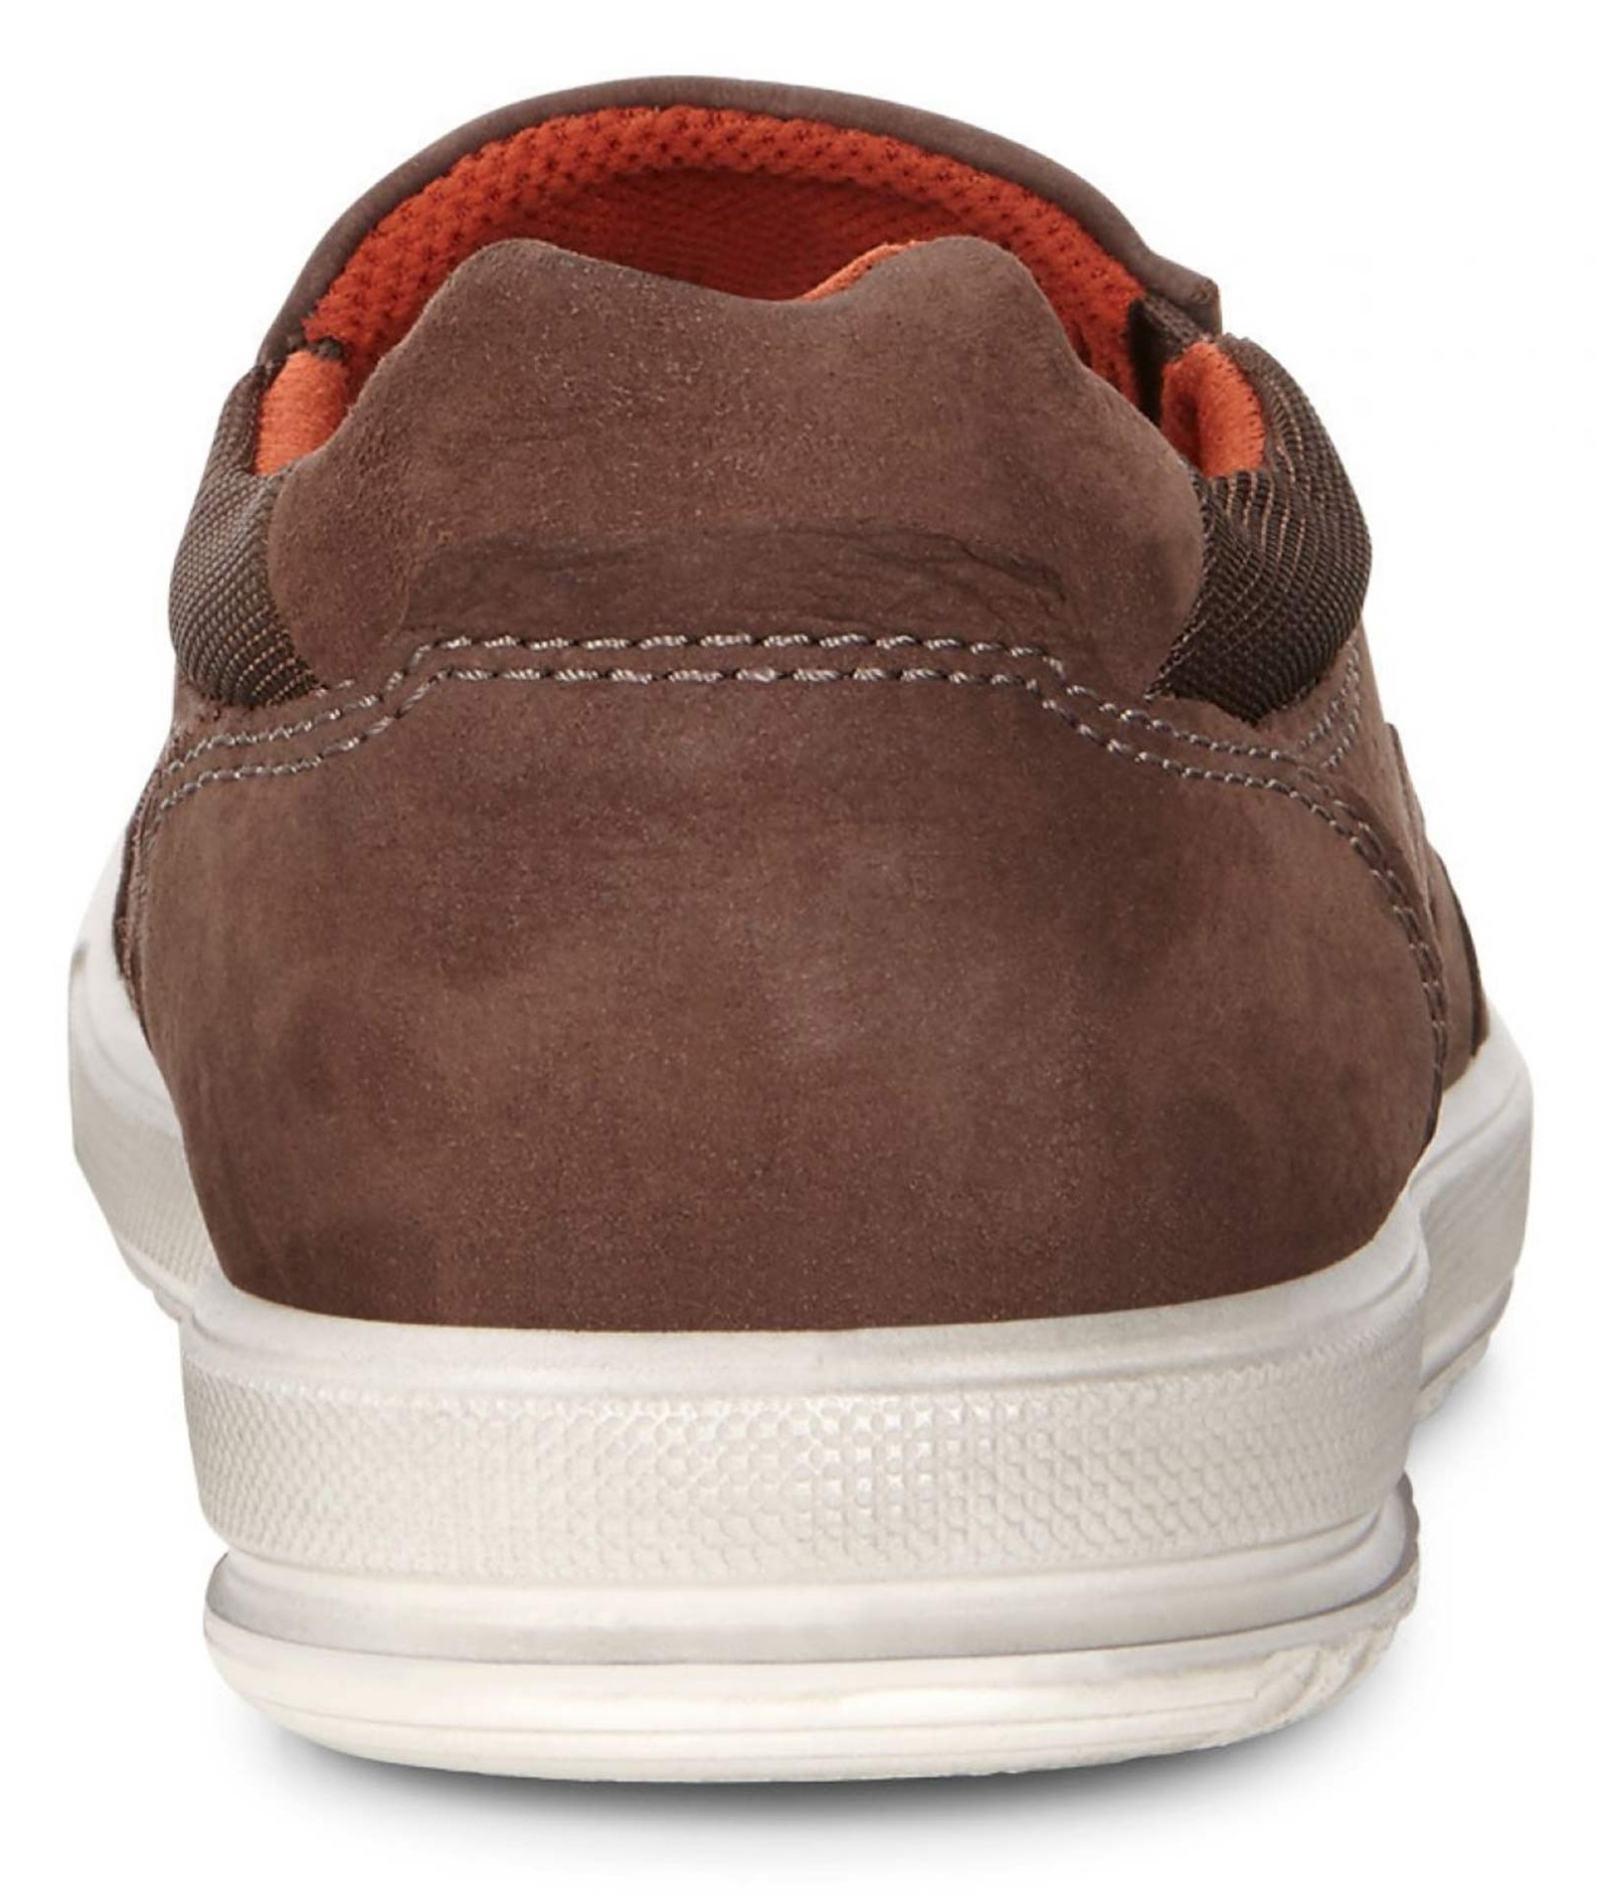 کفش راحتی مردانه Ennio - اکو - قهوه اي  - 3